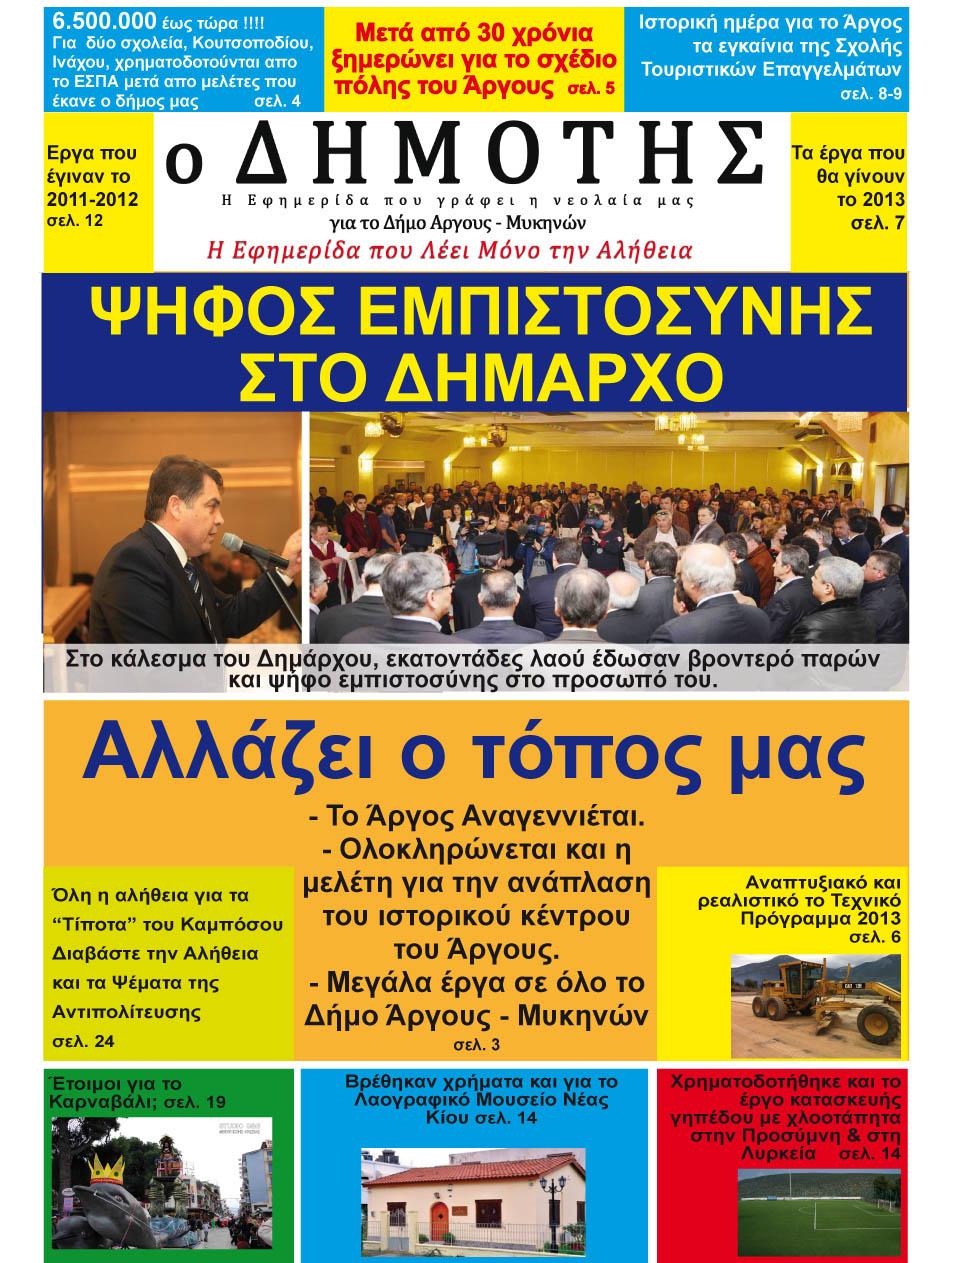 d42923ed3b Η Εφημερίδα που γράφει η νεολαία της Δημοτικής Παράταξης